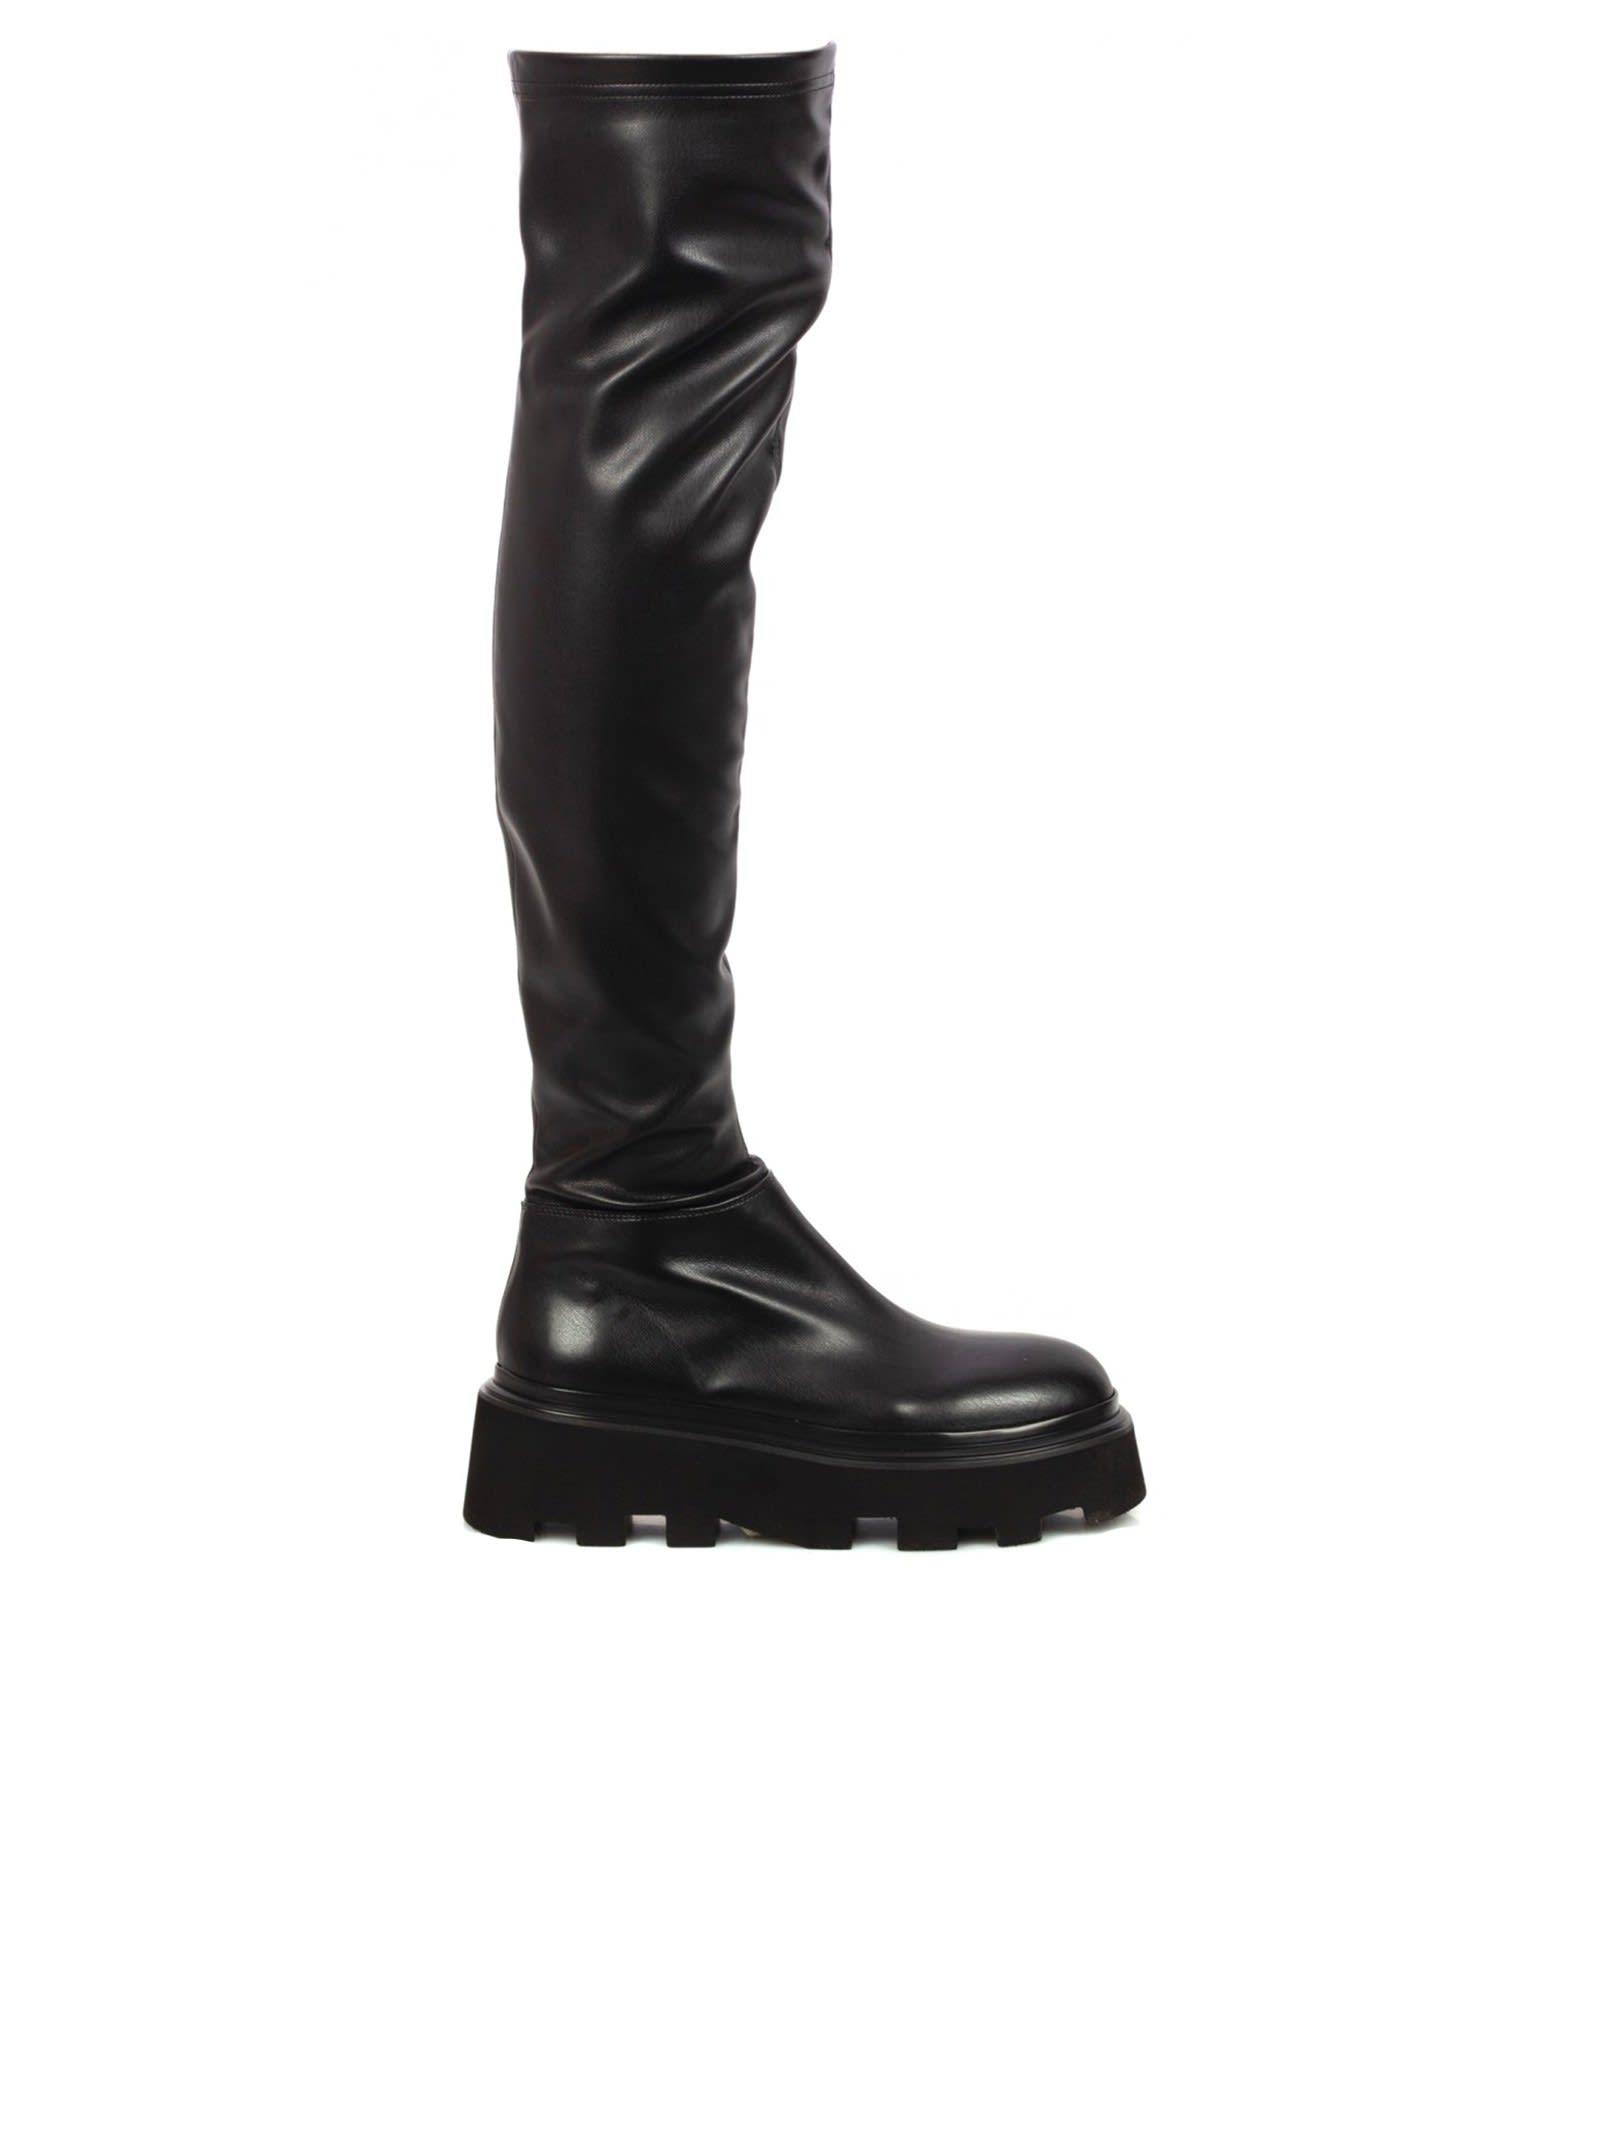 Black Leather Overknee Boots